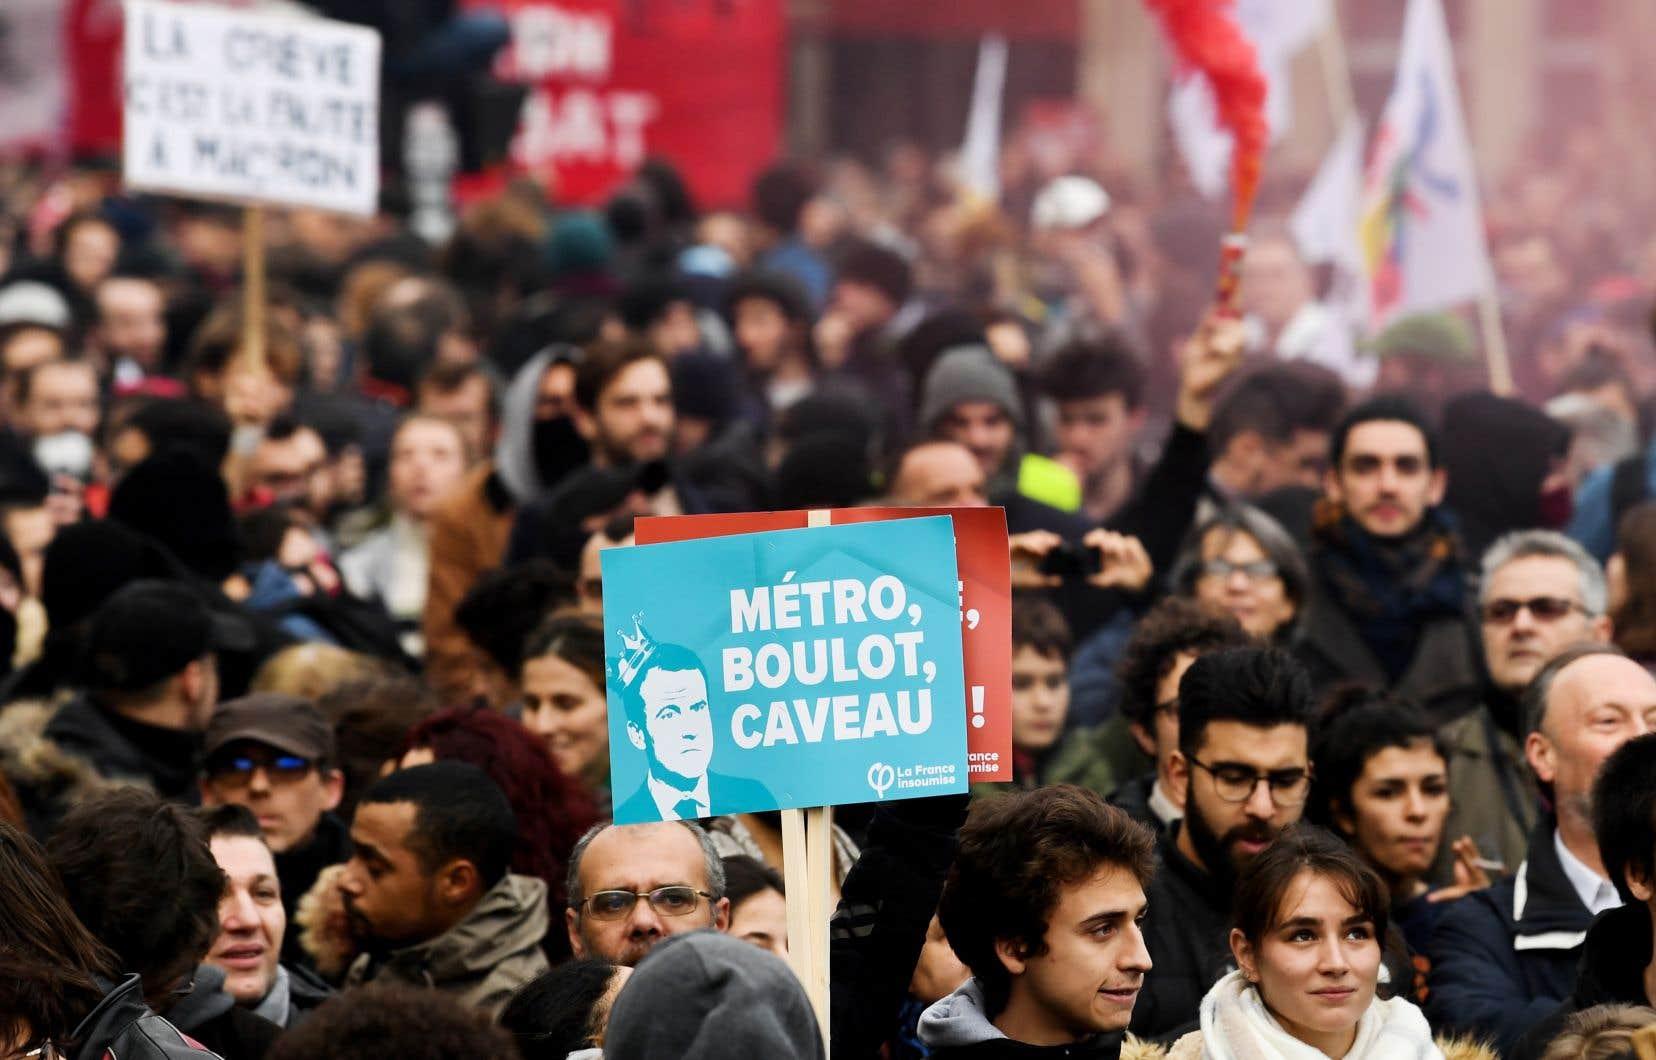 <p>Au lendemain d'une troisième journée de manifestation, les leaders syndicaux et patronaux rencontrent mercredi le premier ministre Édouard Philippe et le nouveau «M.Retraites» du gouvernement, Laurent Pietraszewski.</p>